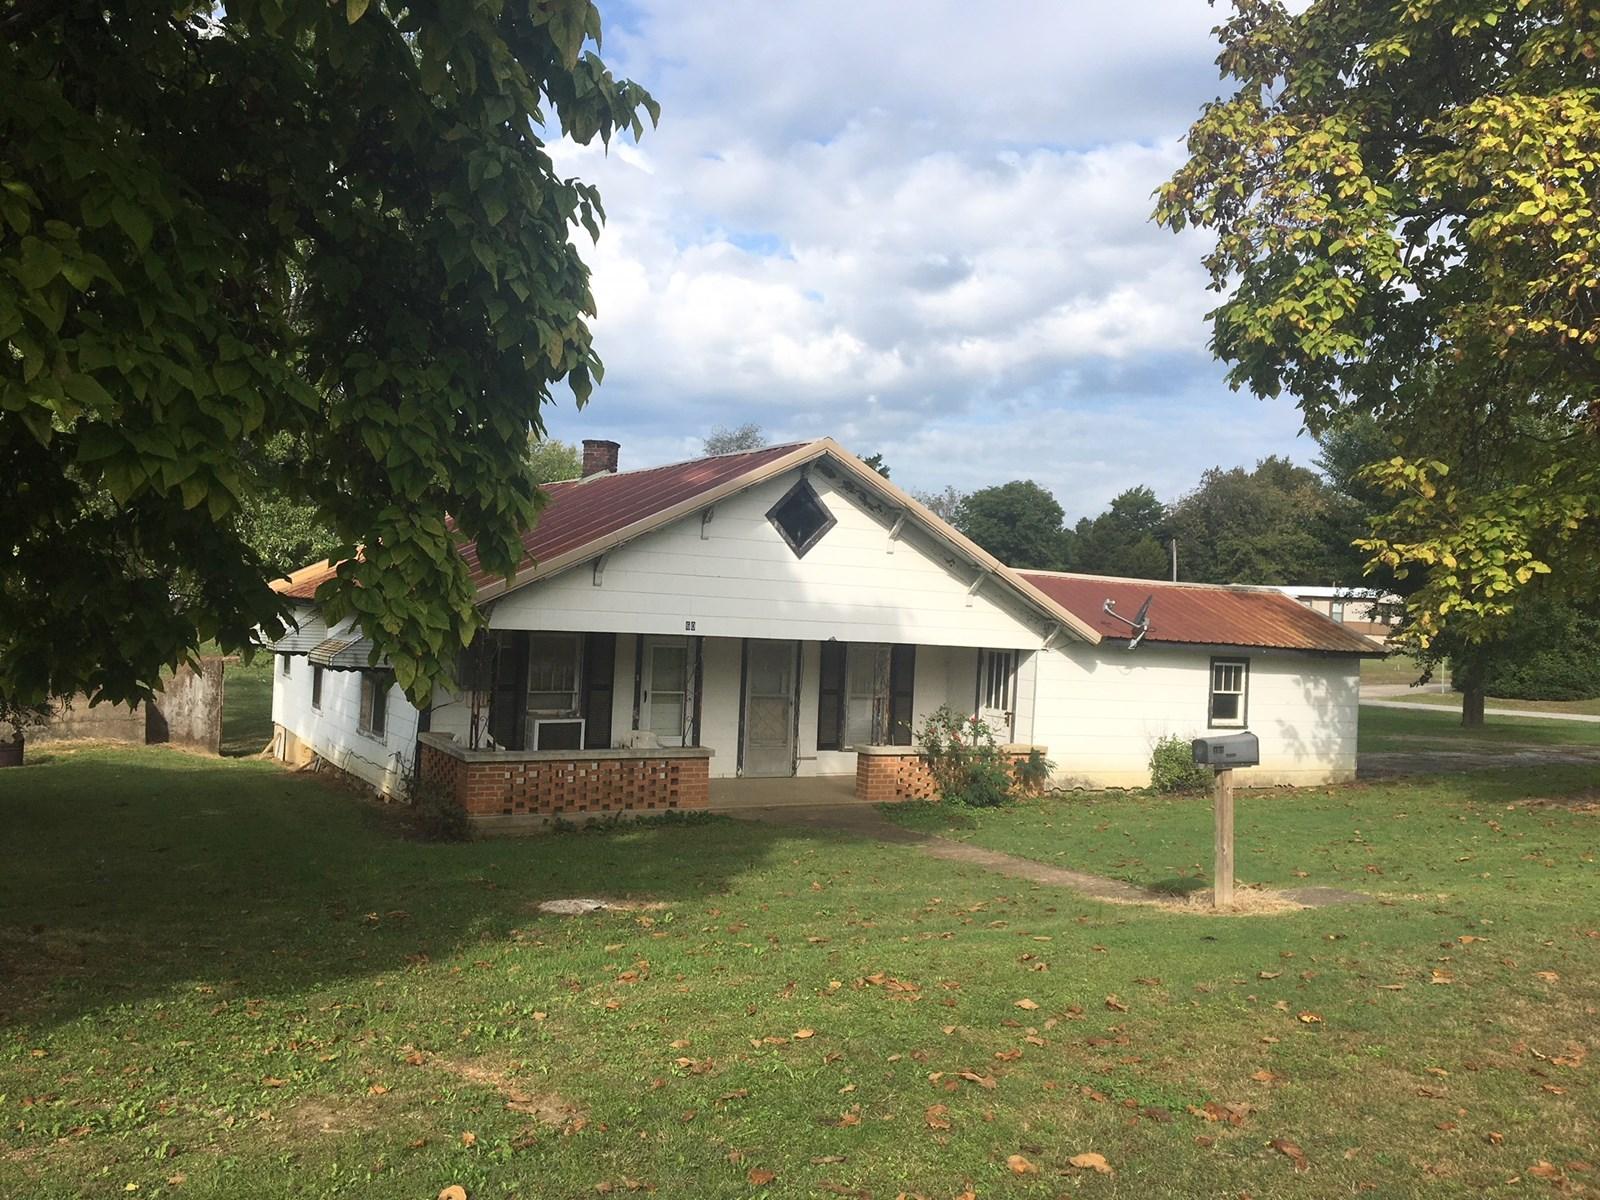 Home for Sale in Maynard Arkansas